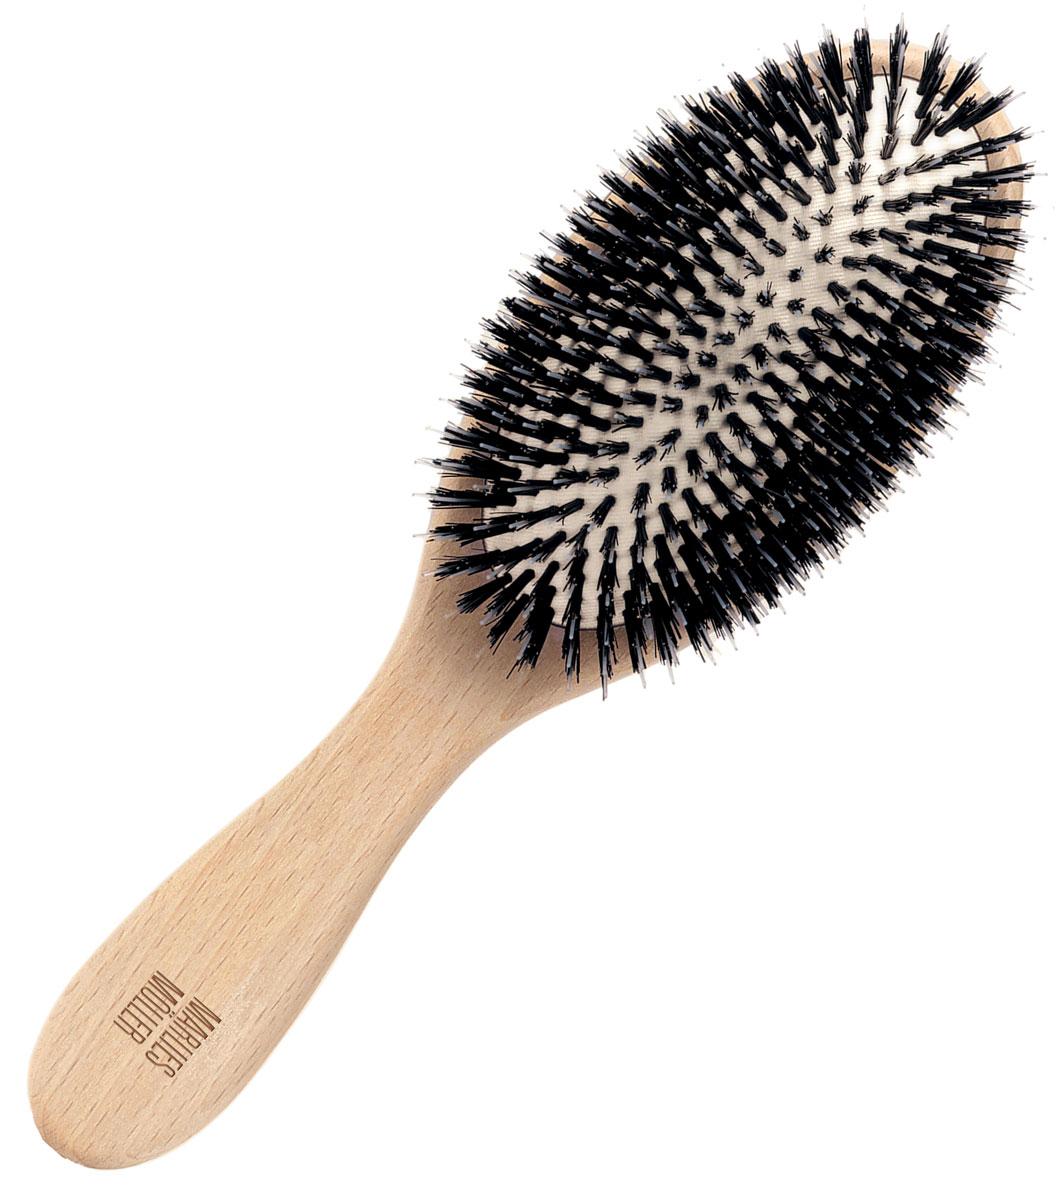 Marlies Moller Щетка для волос, очищающая, маленькая27121MMsМаленькая щетка Marlies Moller для очищения волос удаляет средства укладки, загрязнения. Делает волосы блестящими и шелковистыми.